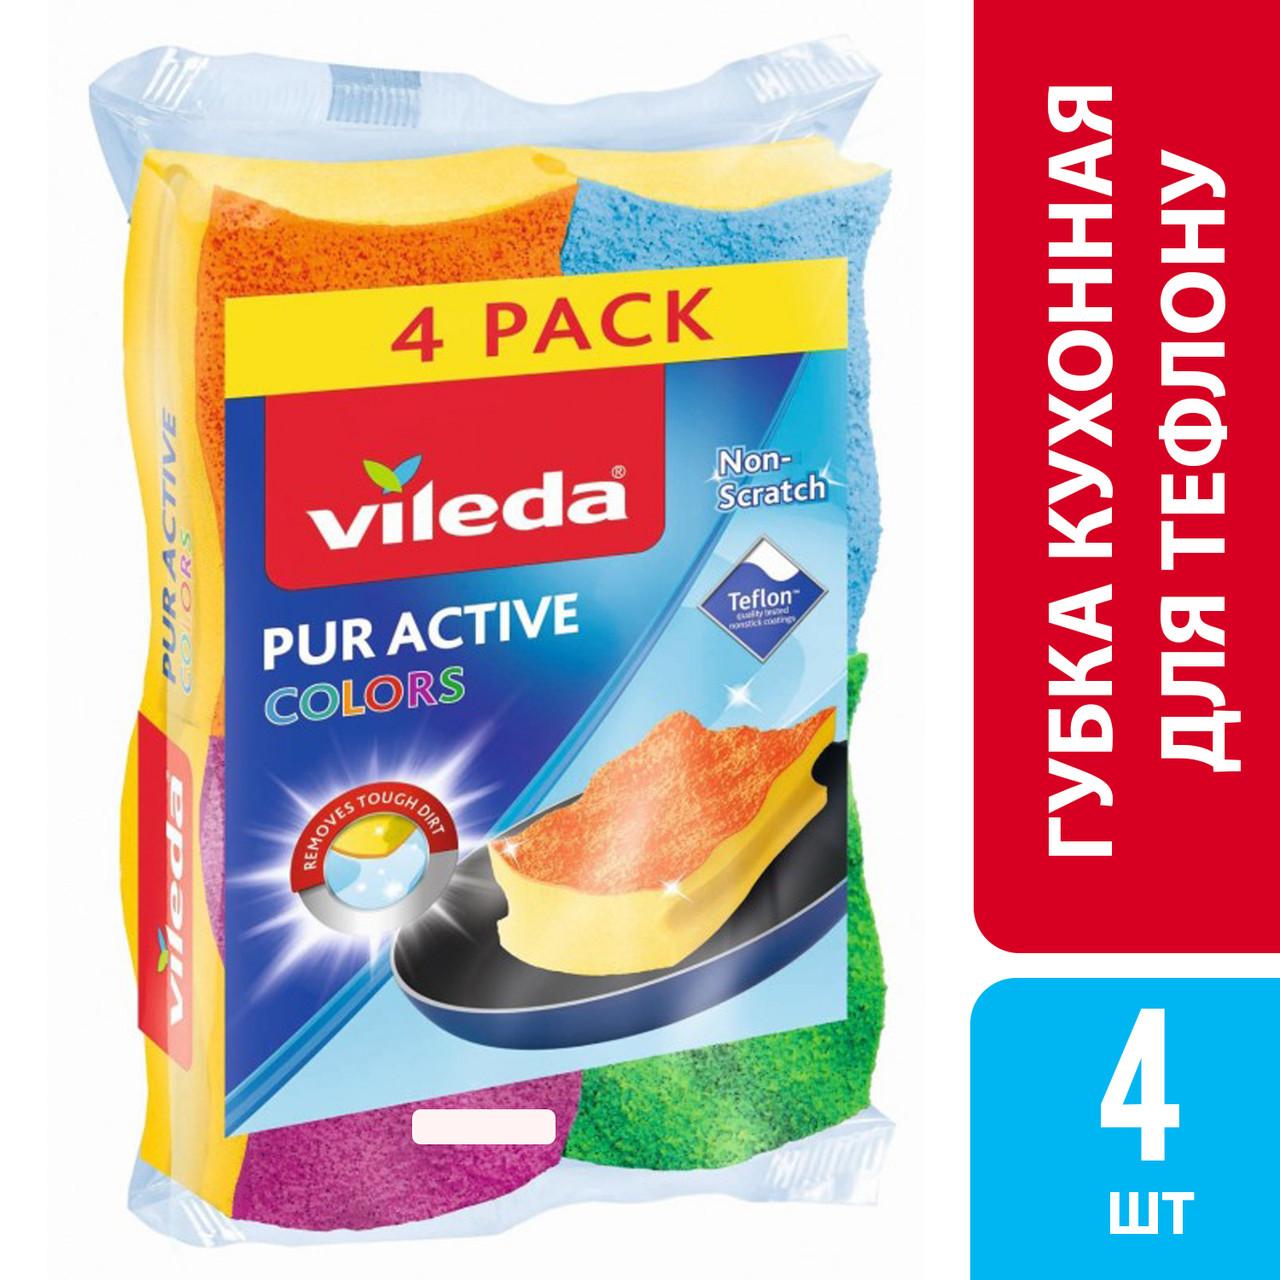 Vileda Губка для посуды из тефлона Виледа Пур Актив цветные 3+1 шт